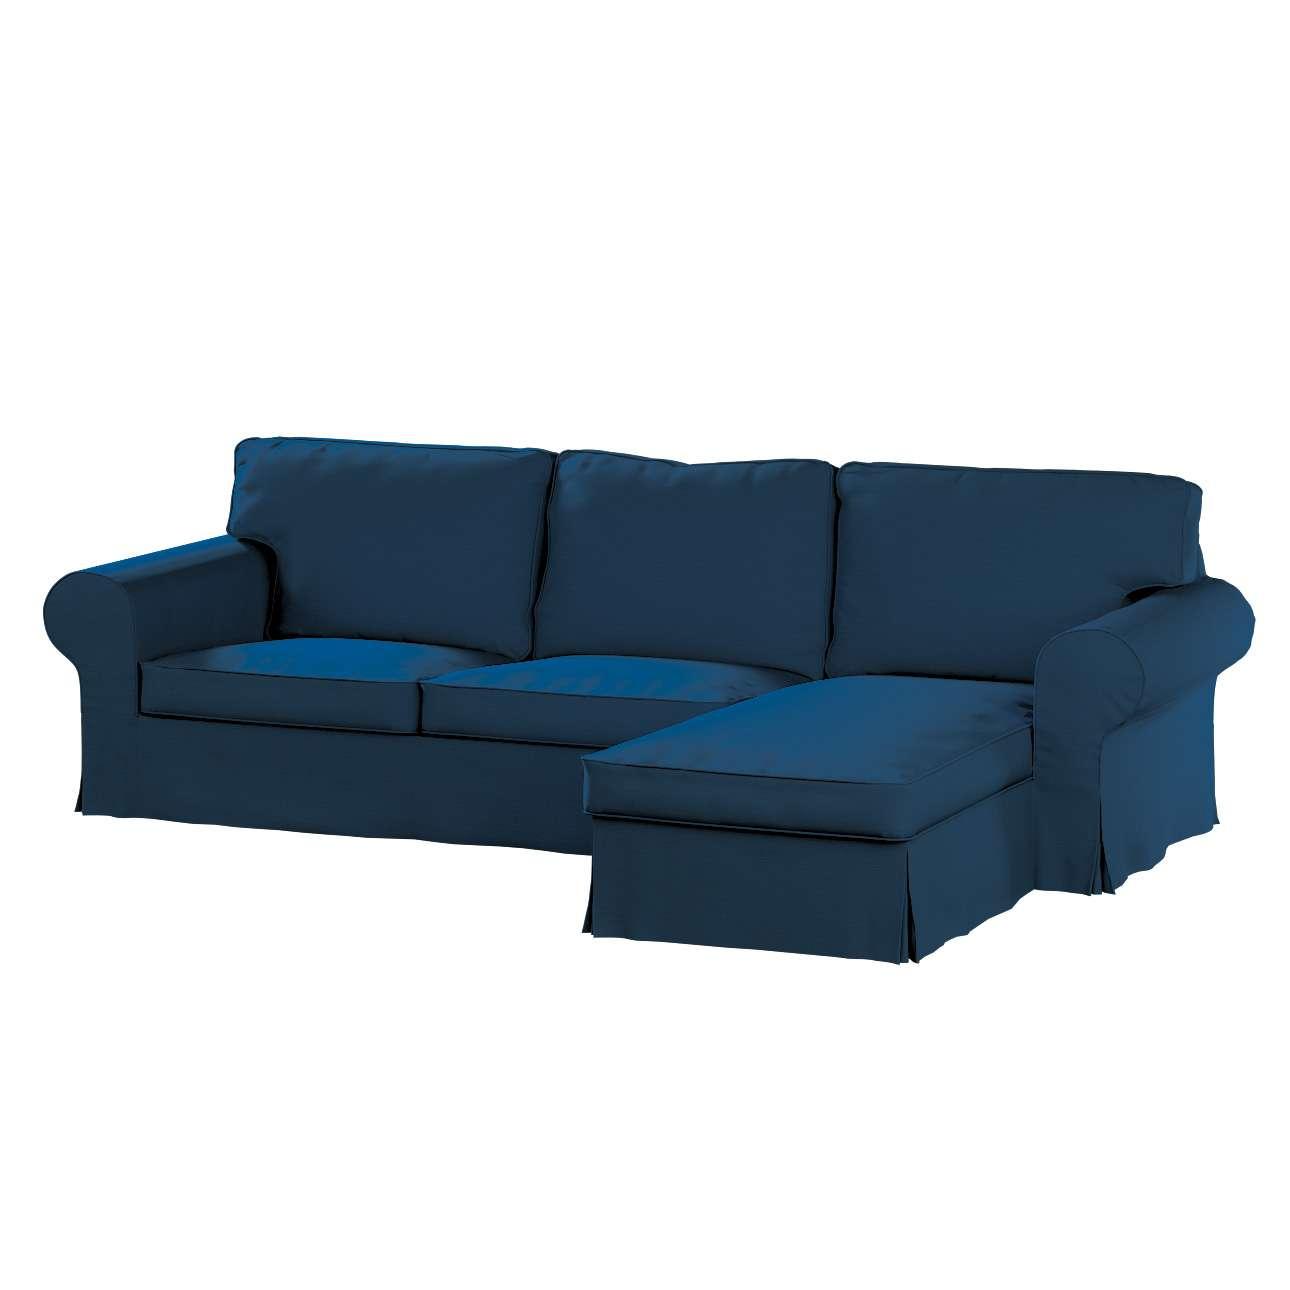 Ektorp dvivietės sofos su gulimuoju krėslu užvalkalas Ikea Ektorp dvivietės sofos su gulimuoju krėslu užvalkalas kolekcijoje Cotton Panama, audinys: 702-30